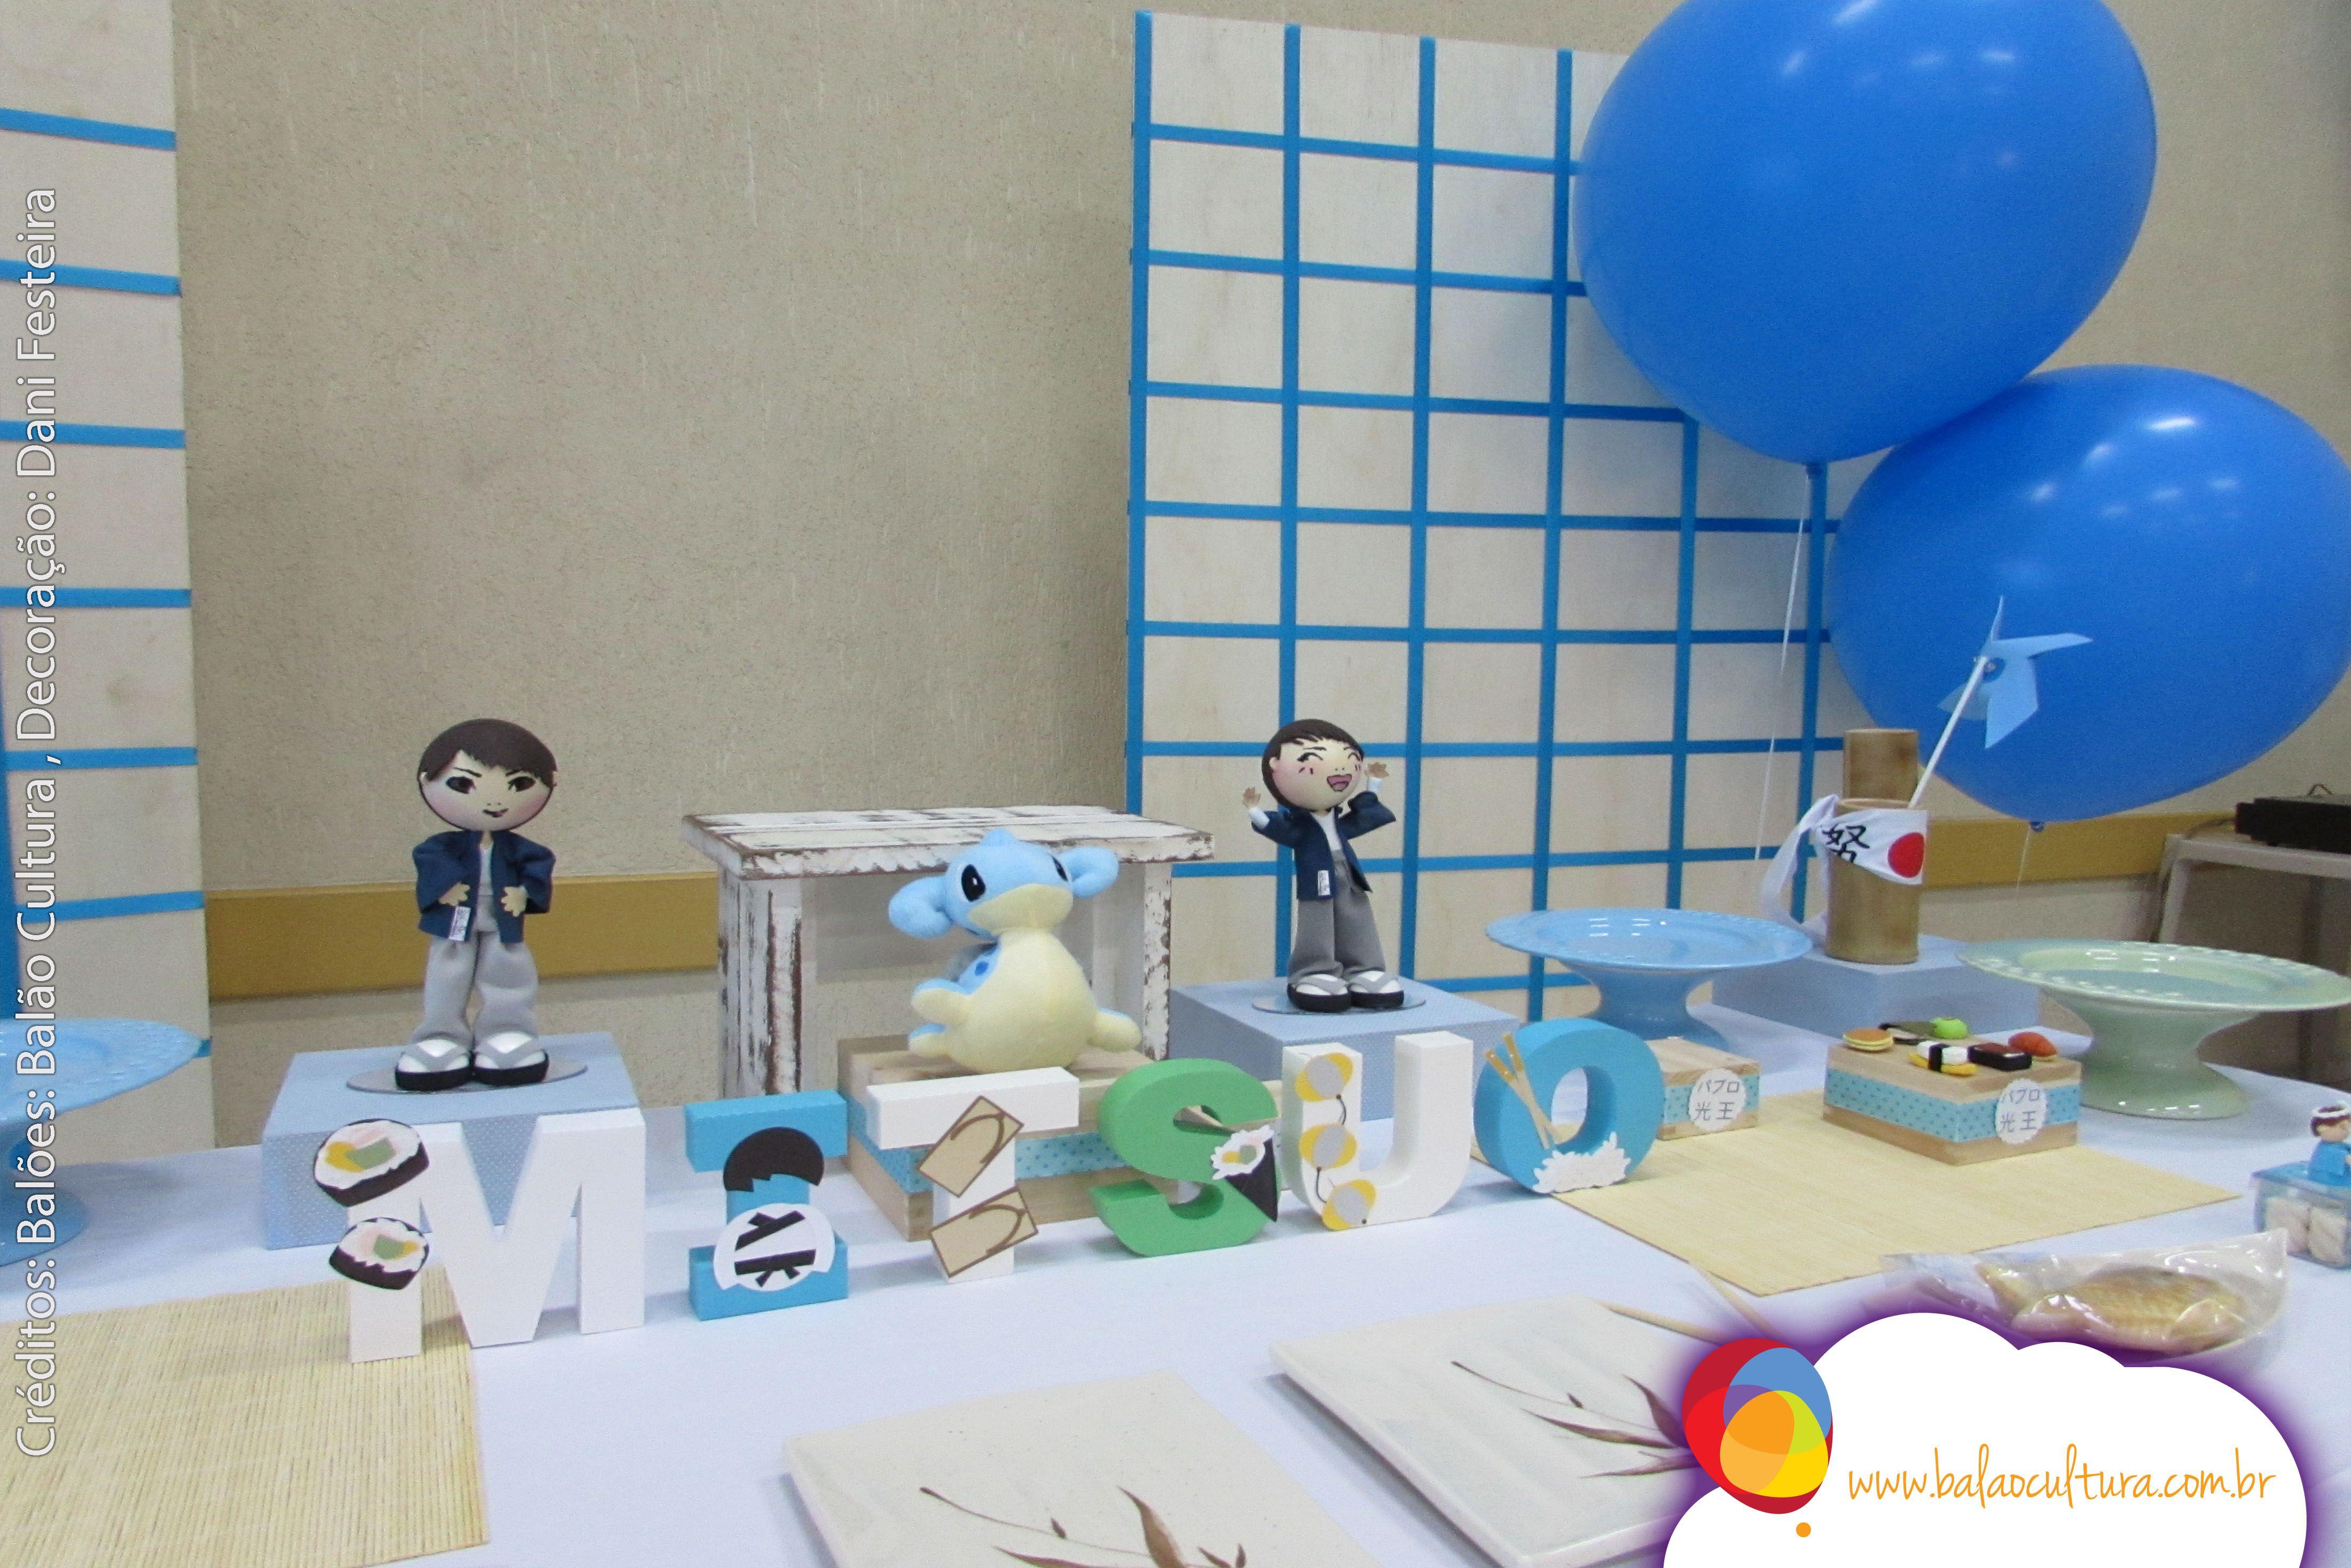 Aniversário de 1 ano do Mitsuo. Balões de 32 polegadas inflado com gás hélio. Créditos: Decoração com balões + Balão: Balão Cultura  Planejamento e decoração: Dani Festeira